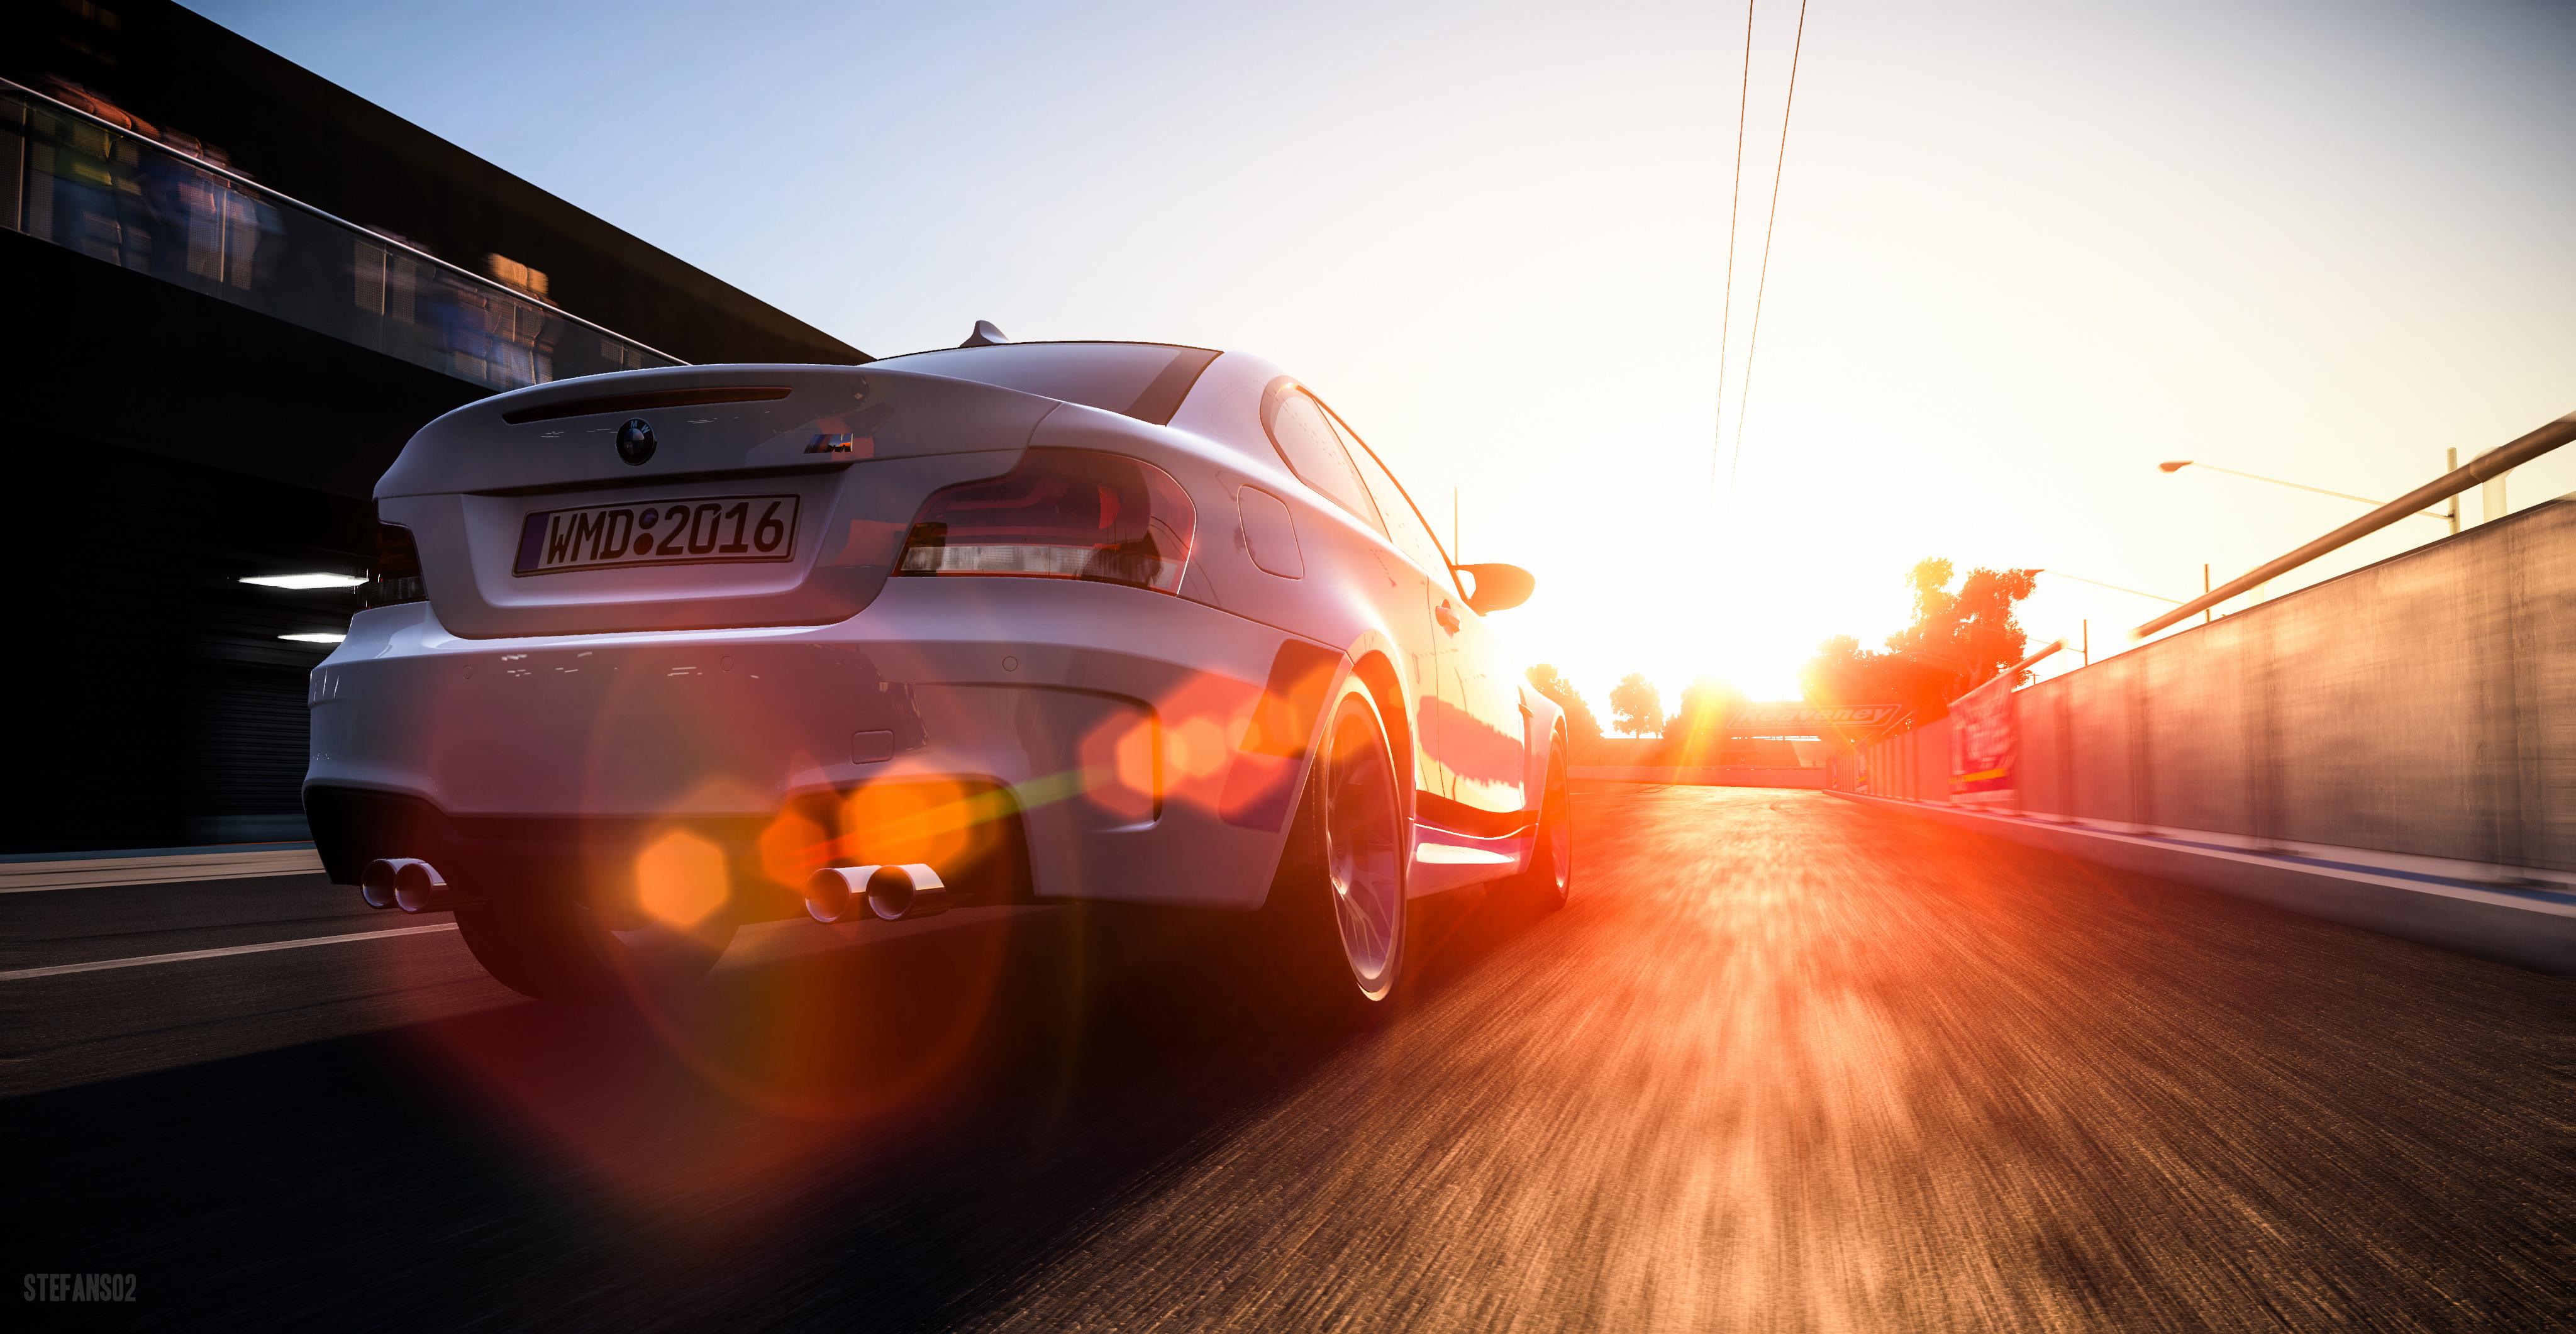 150843 скачать обои Тачки (Cars), Bmw 1-Series M Coupe, Бмв (Bmw), Автомобиль, Солнечный Свет, Движение, Арт - заставки и картинки бесплатно